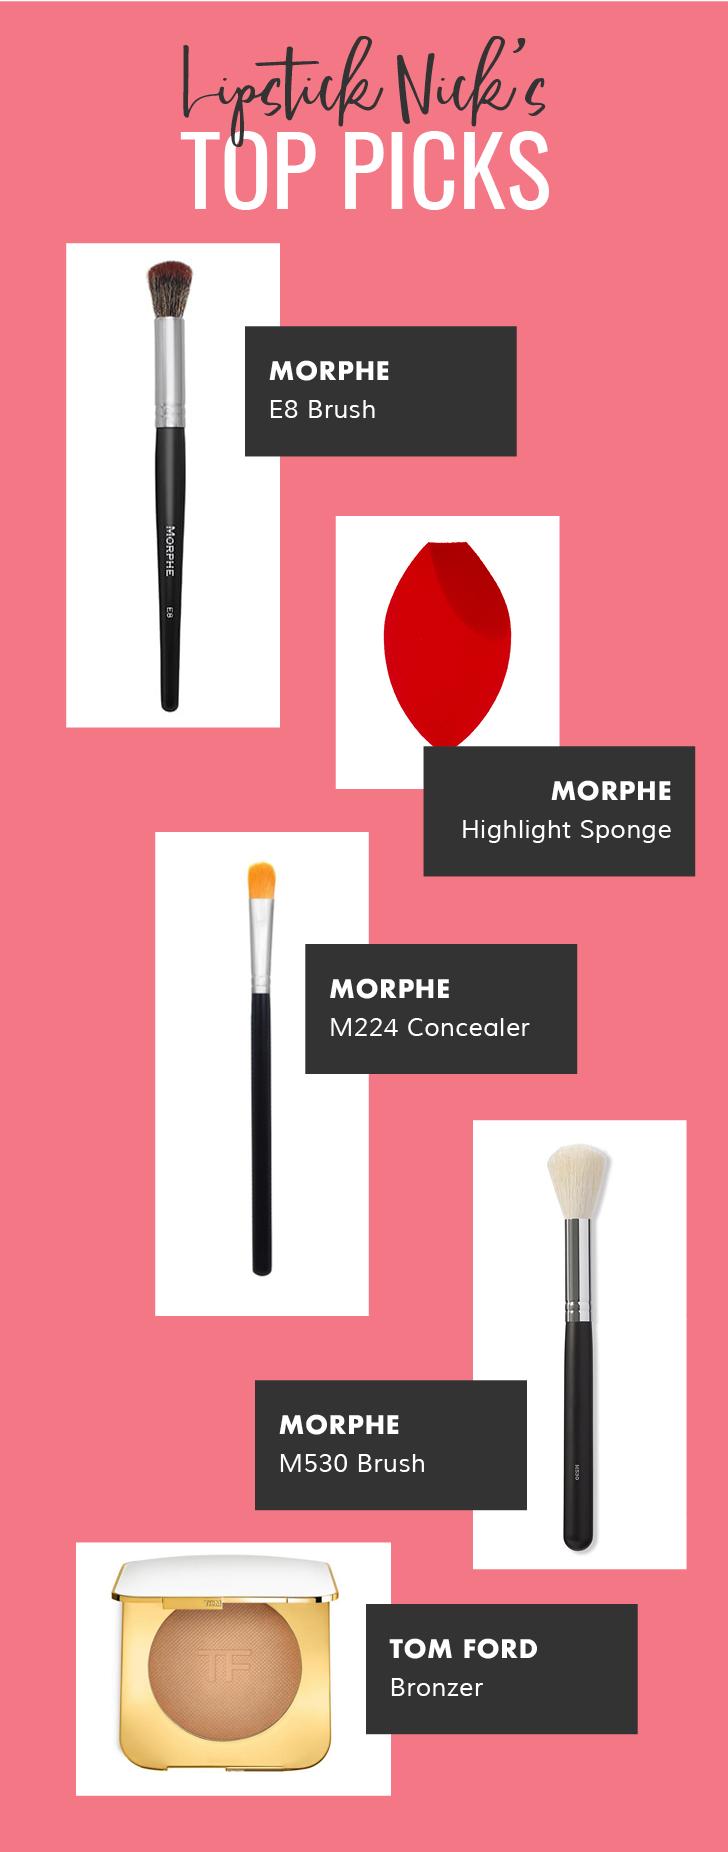 lipstick nick masterclass